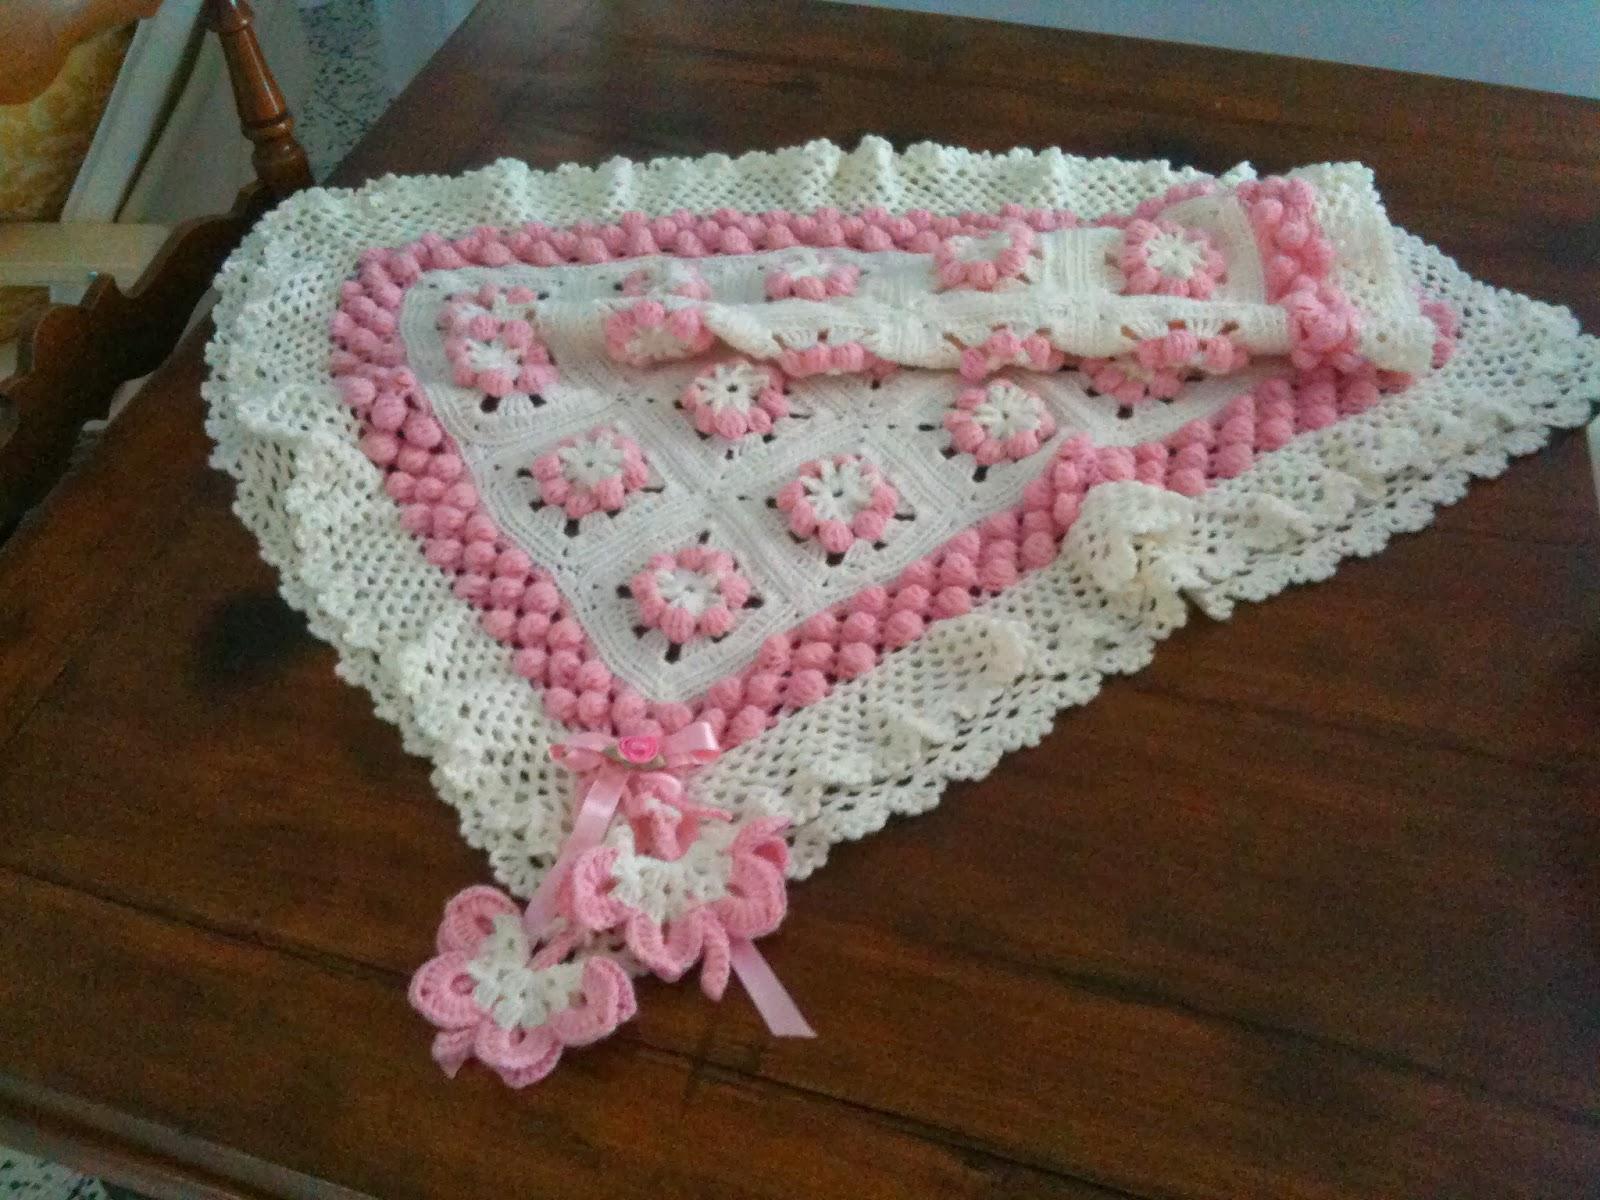 Piastrelle alluncinetto di lana plaid mattonelle colorate 3